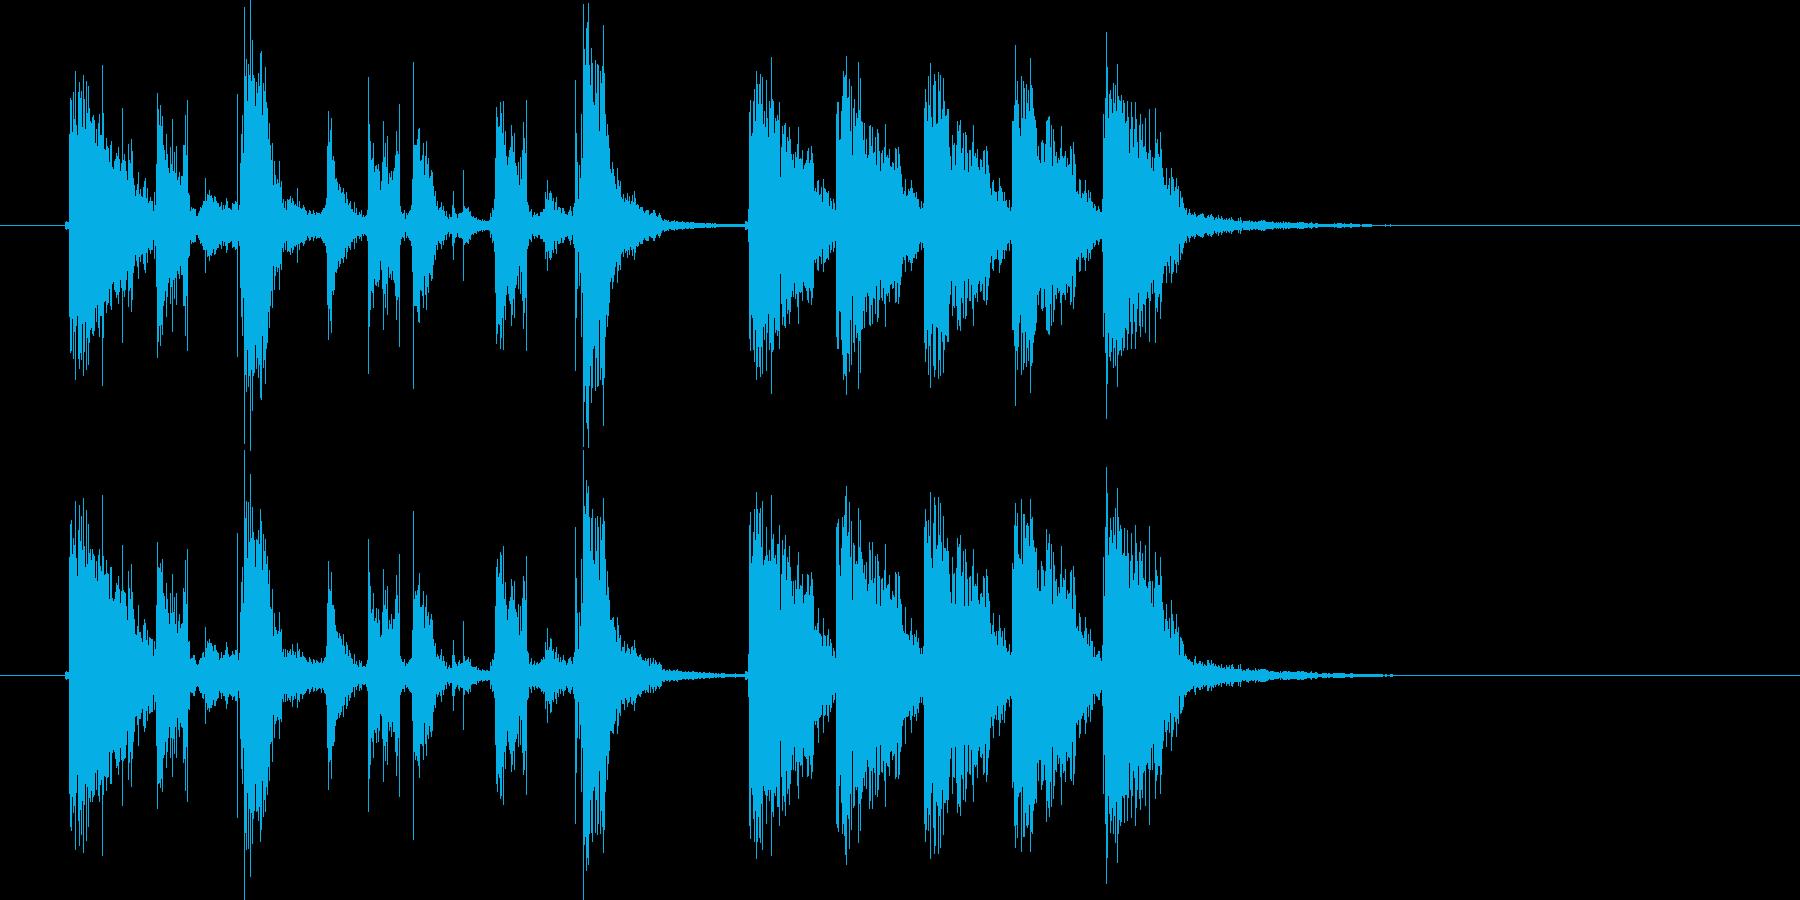 ダン、ダダダダダン!(切替、転換音)の再生済みの波形